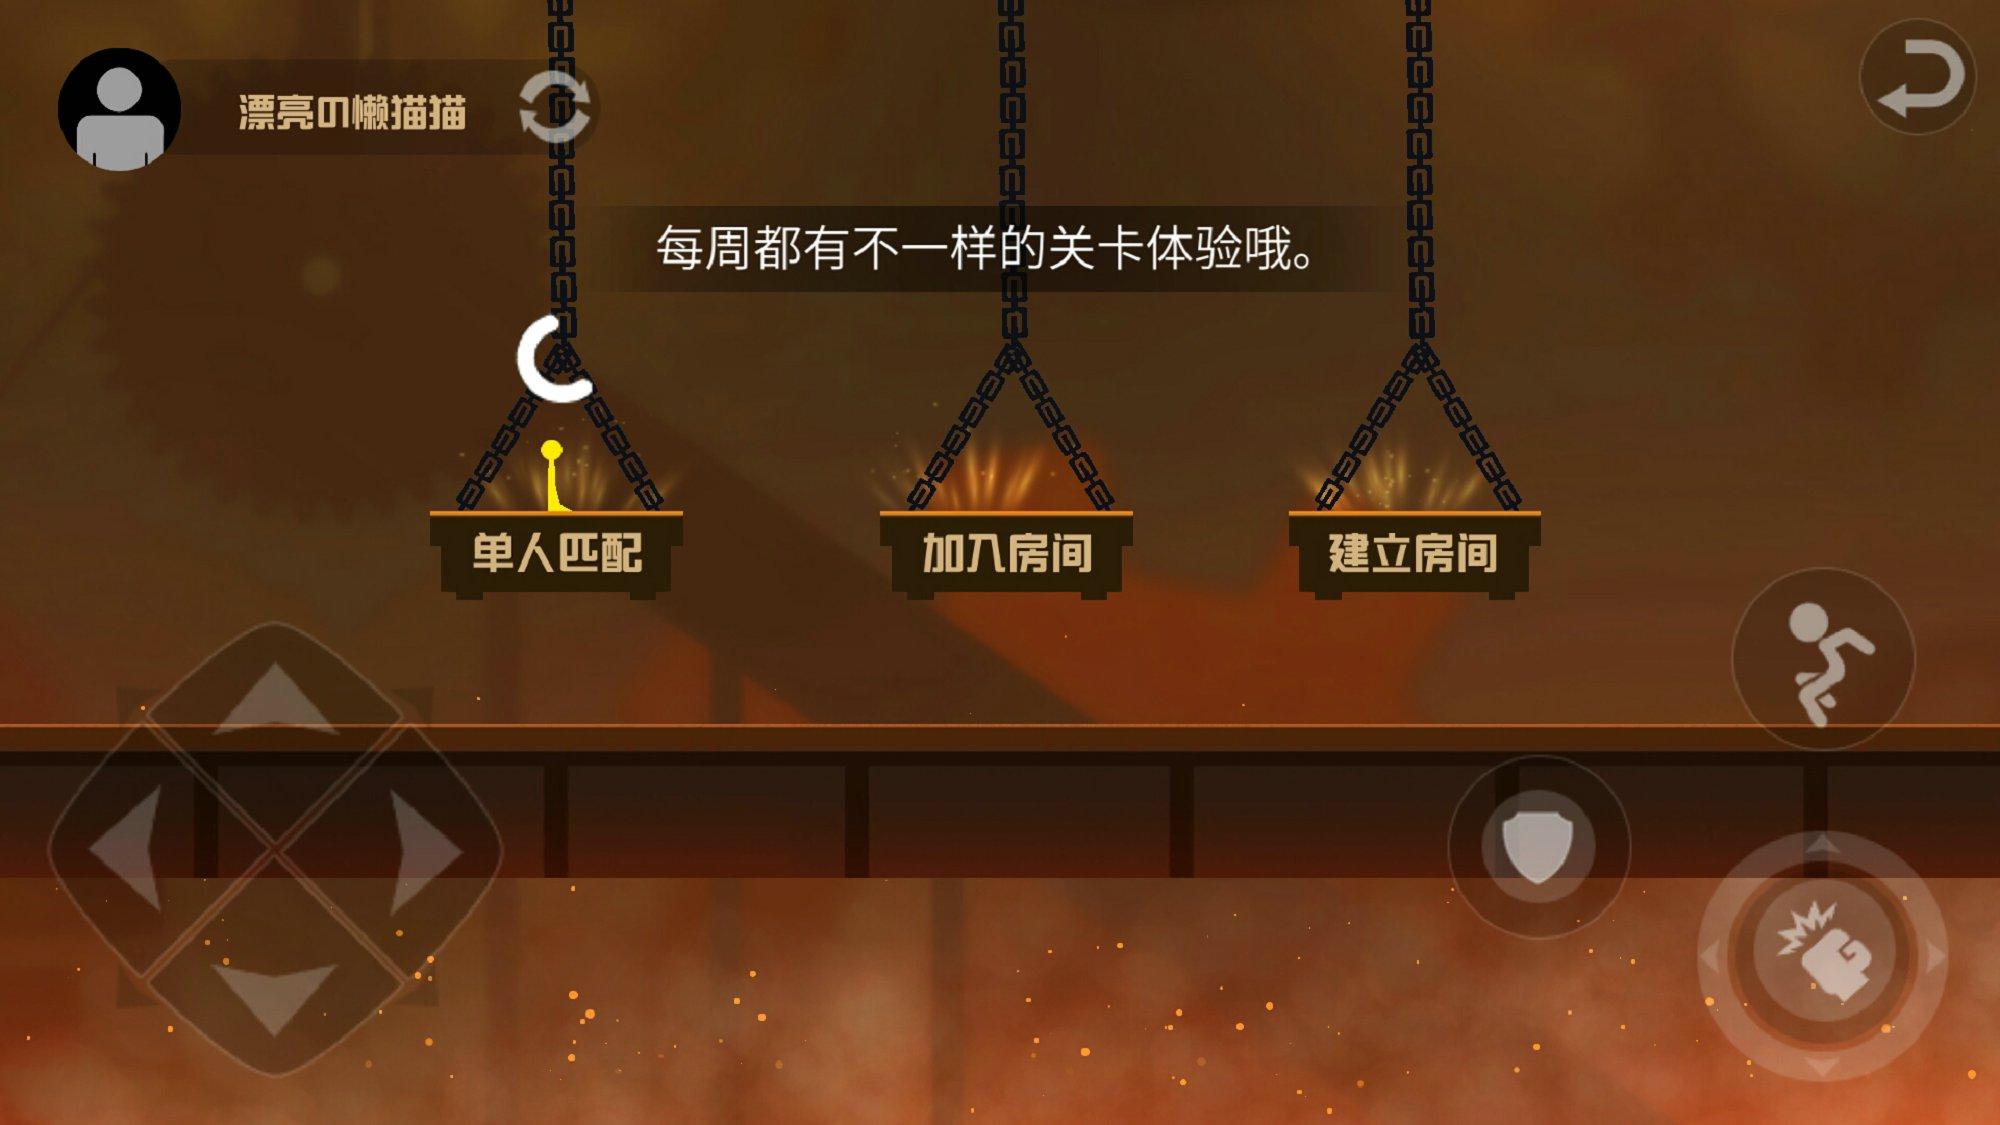 乱斗火柴人 v1.9.0截图